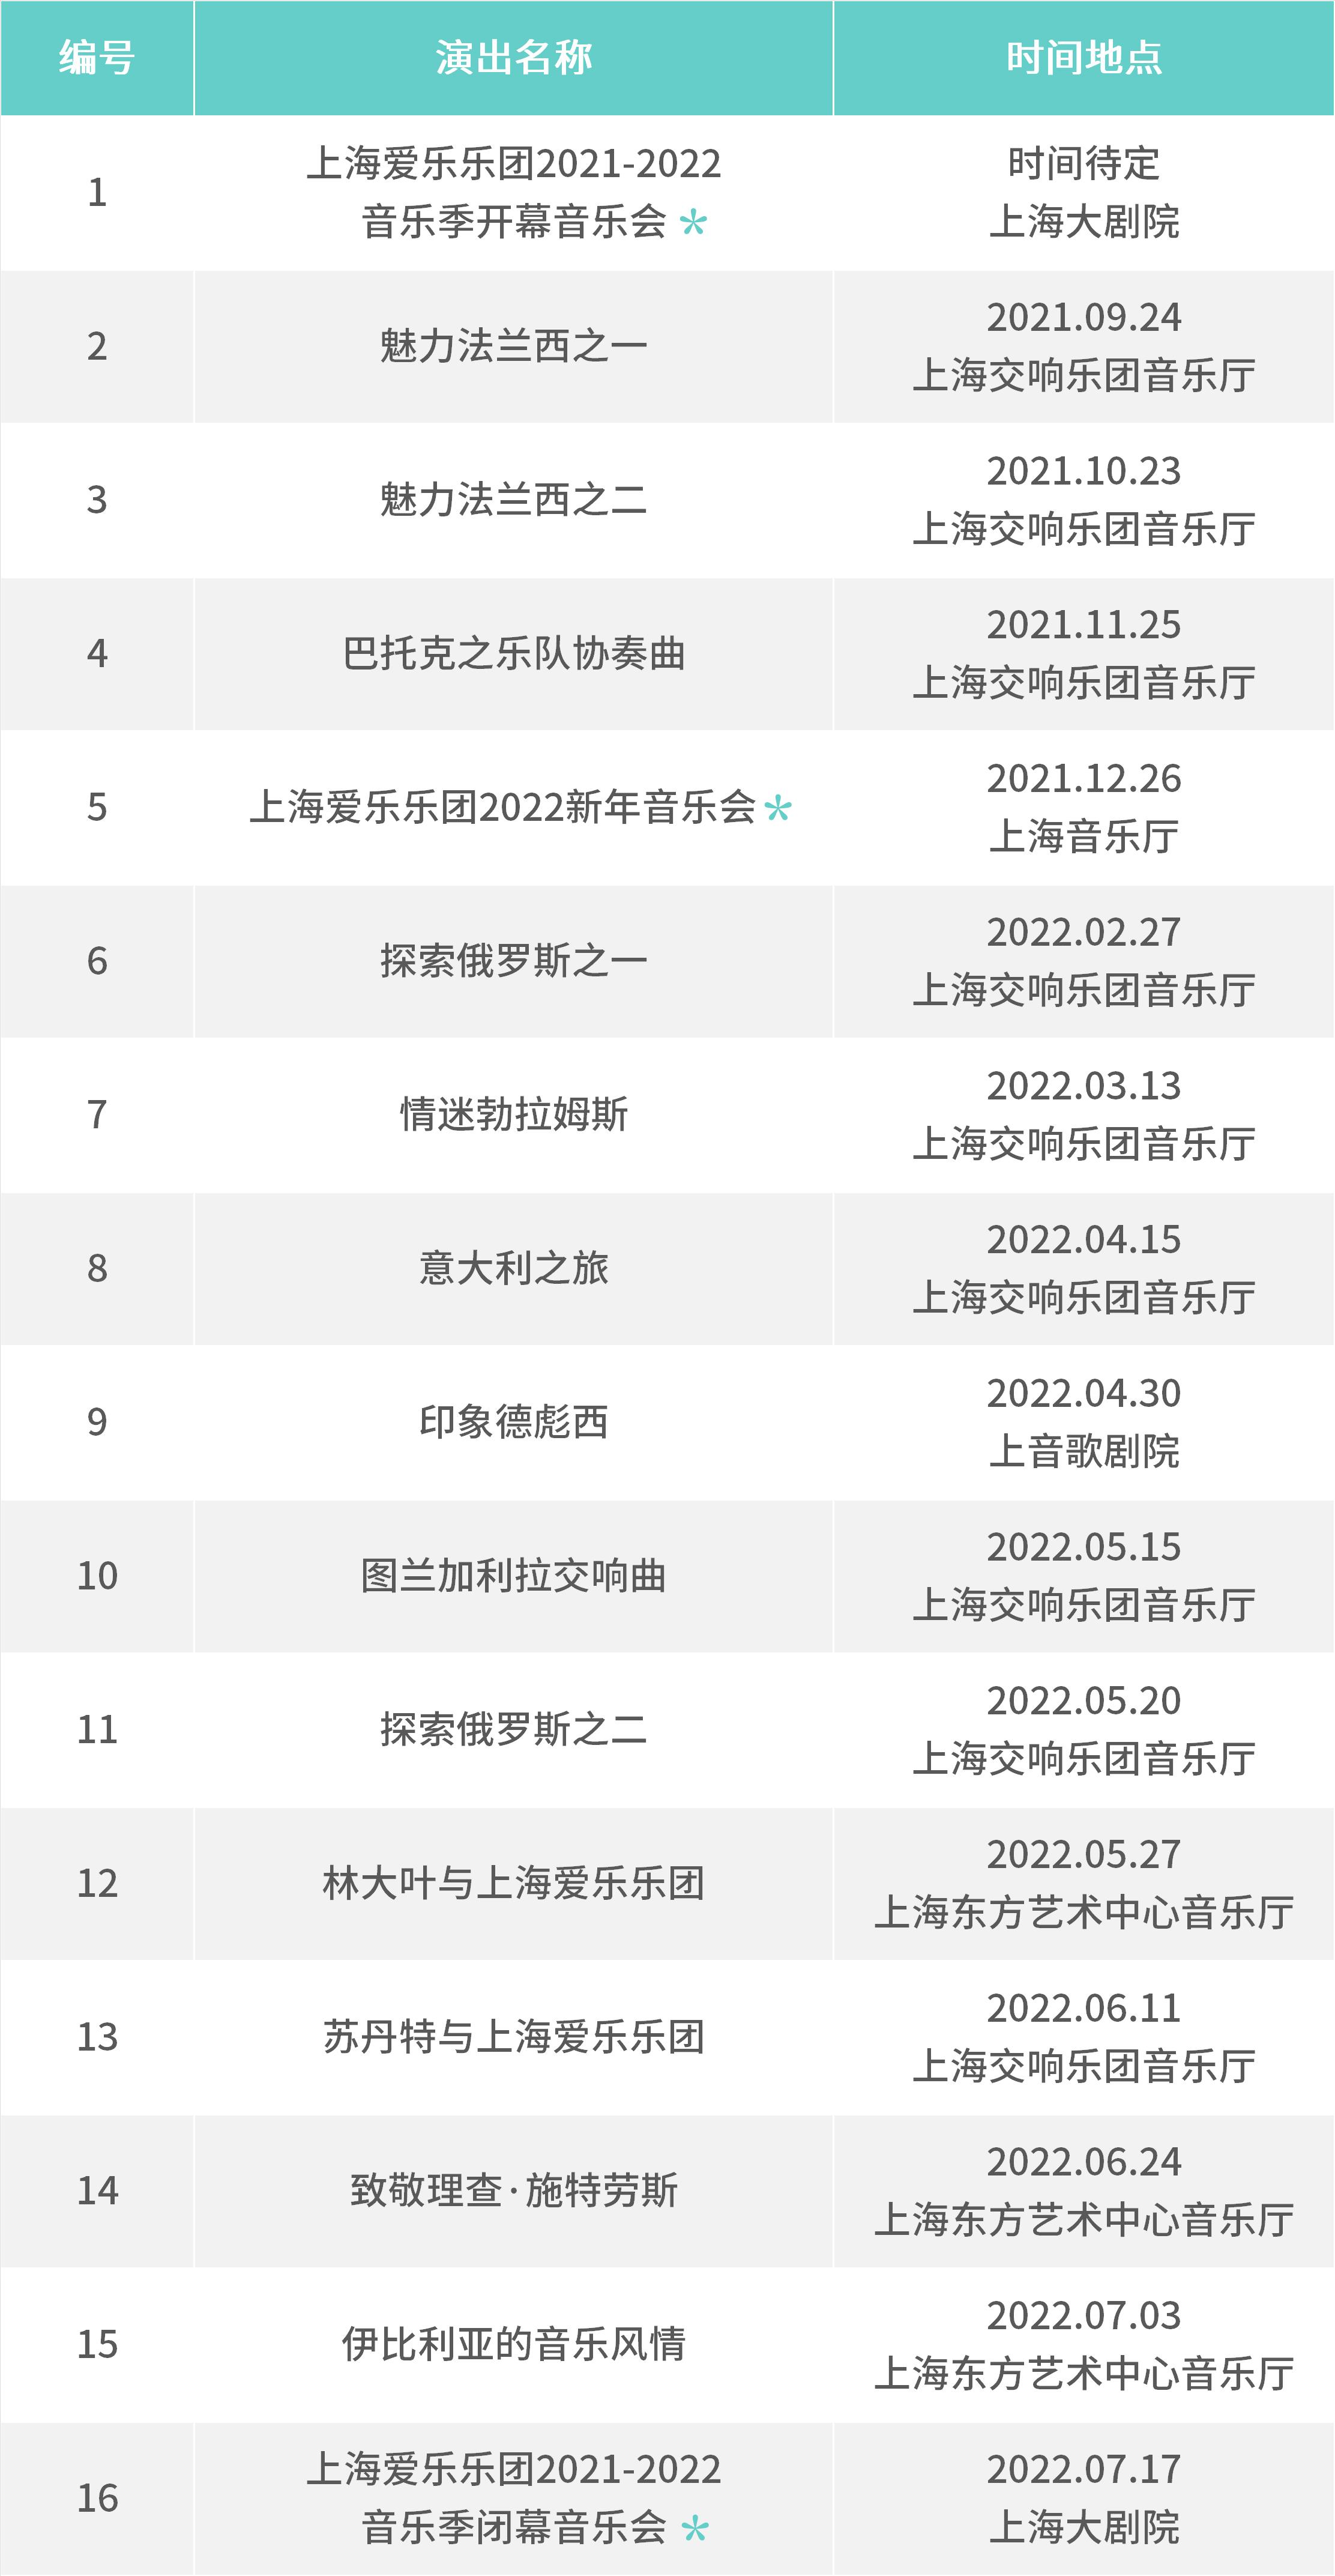 音乐会列表.jpg.jpg